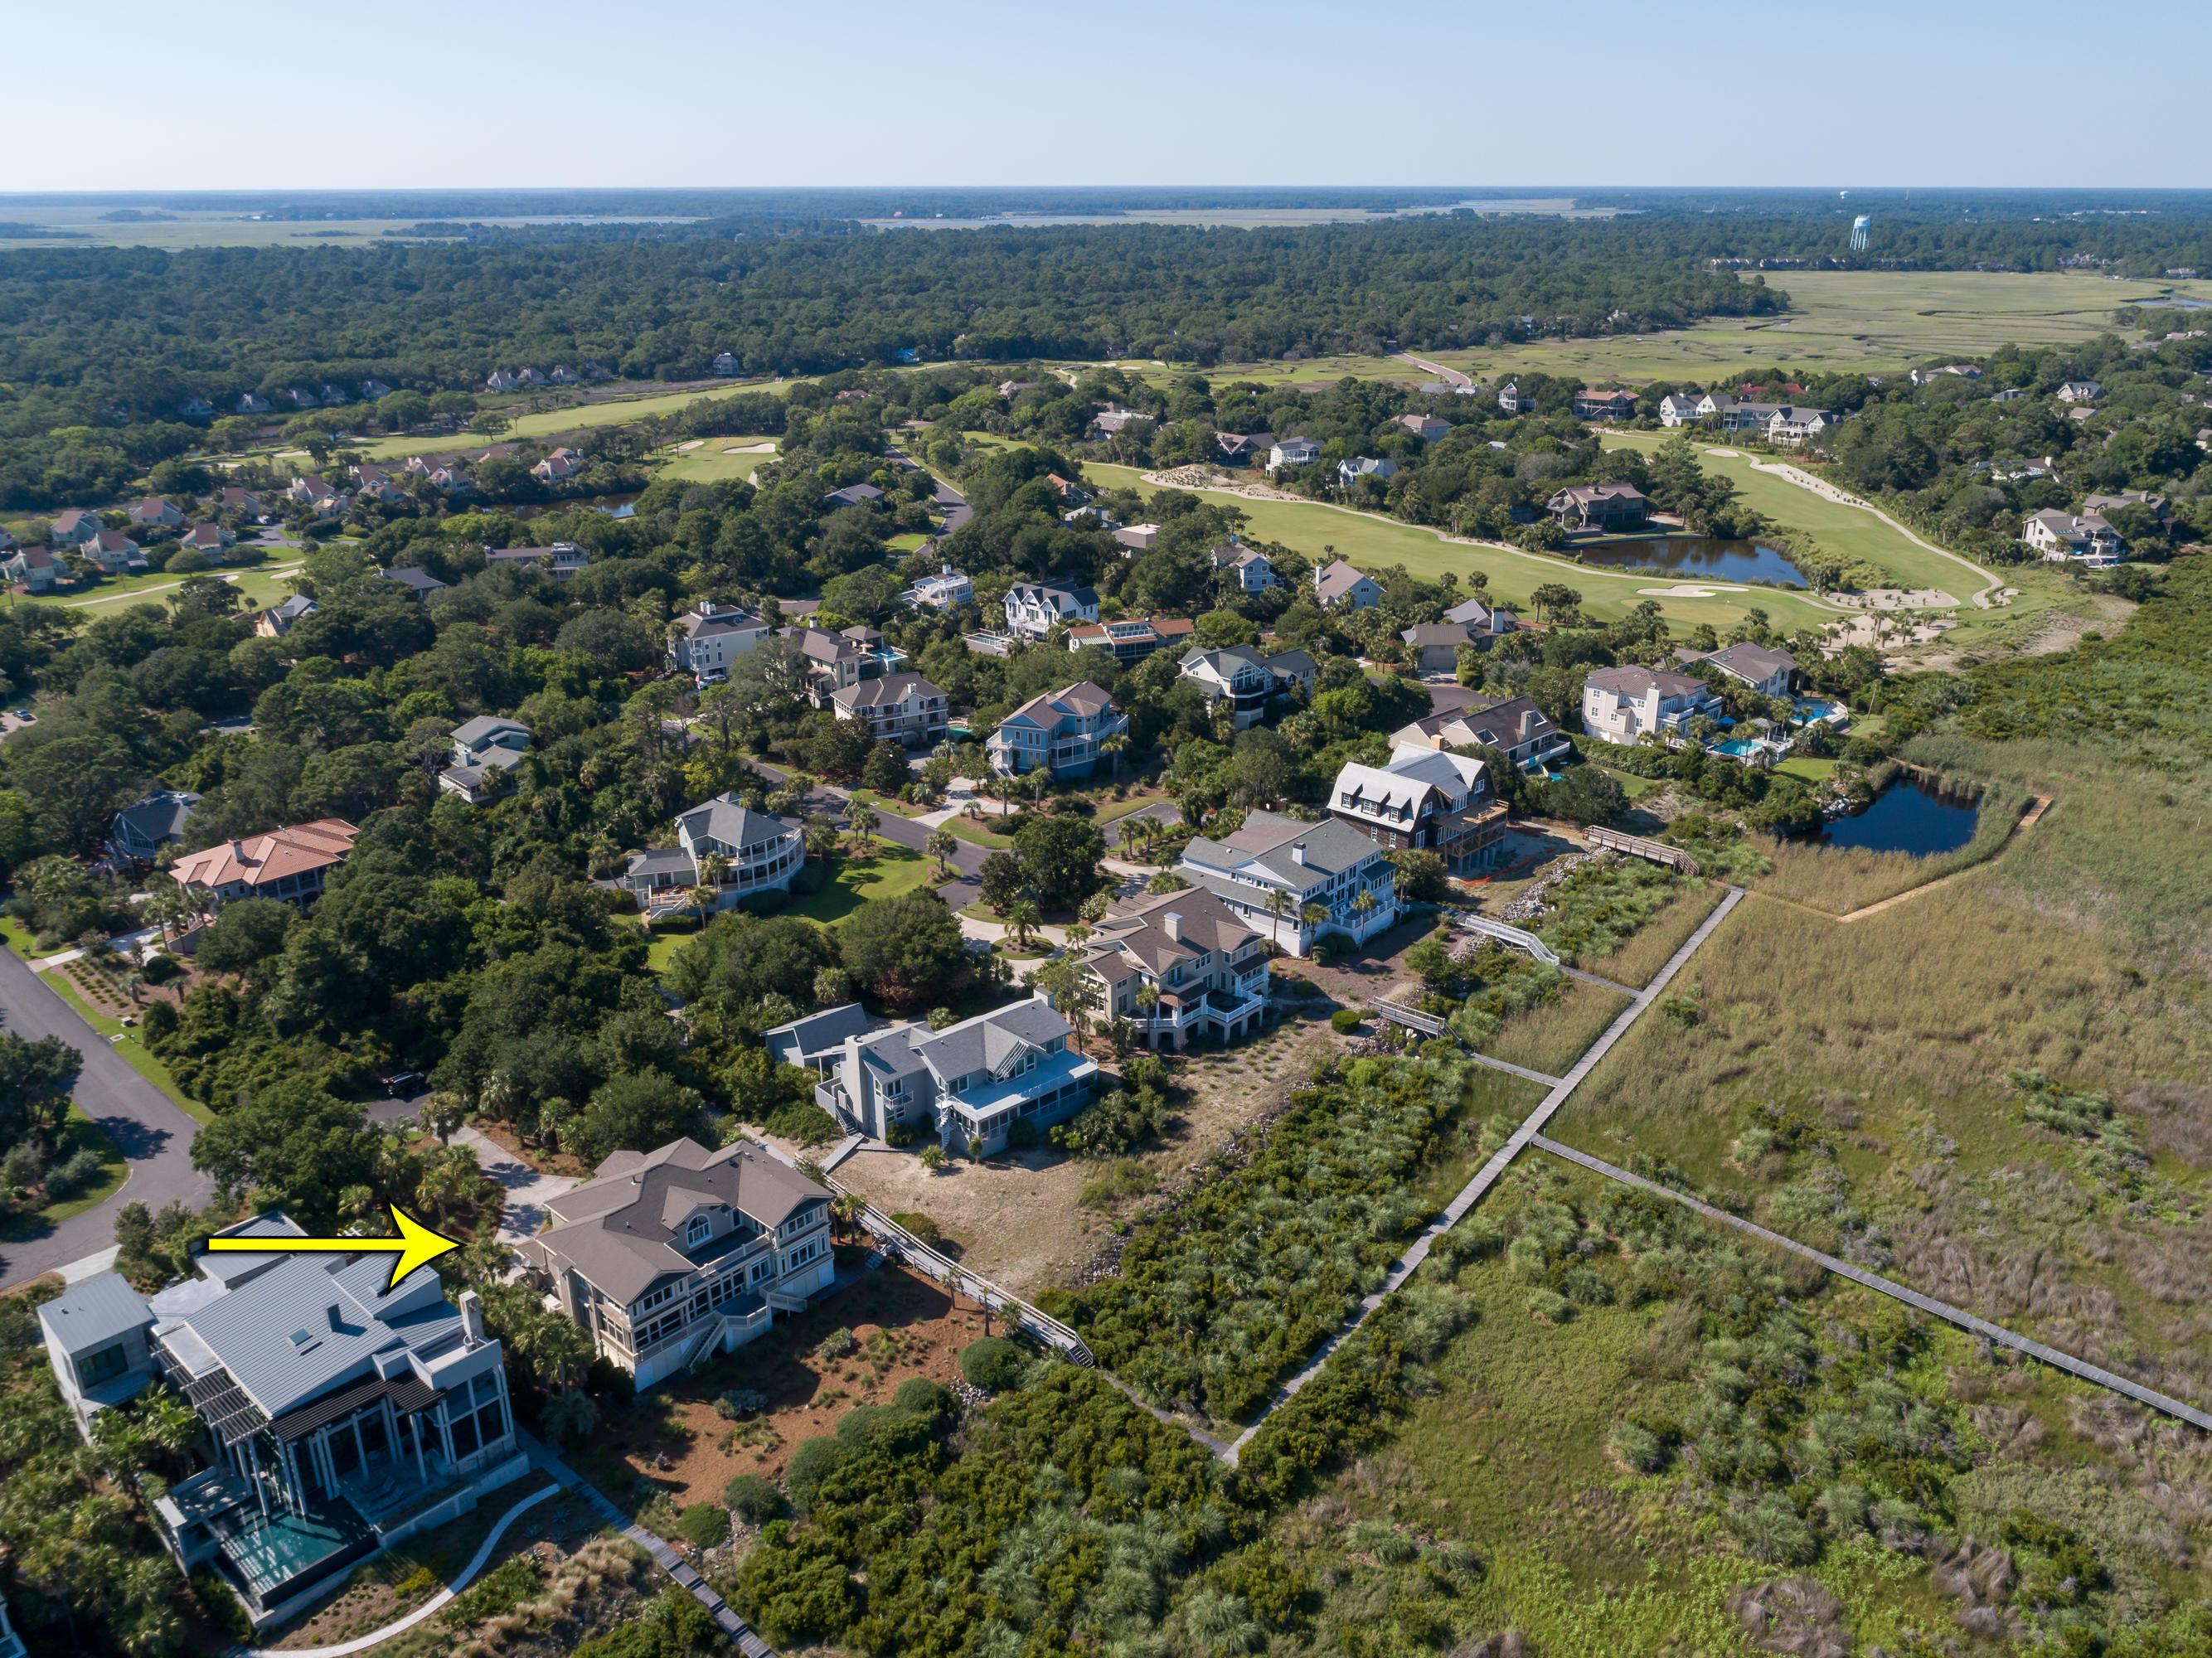 Seabrook Island Homes For Sale - 3640 Pompano, Seabrook Island, SC - 18